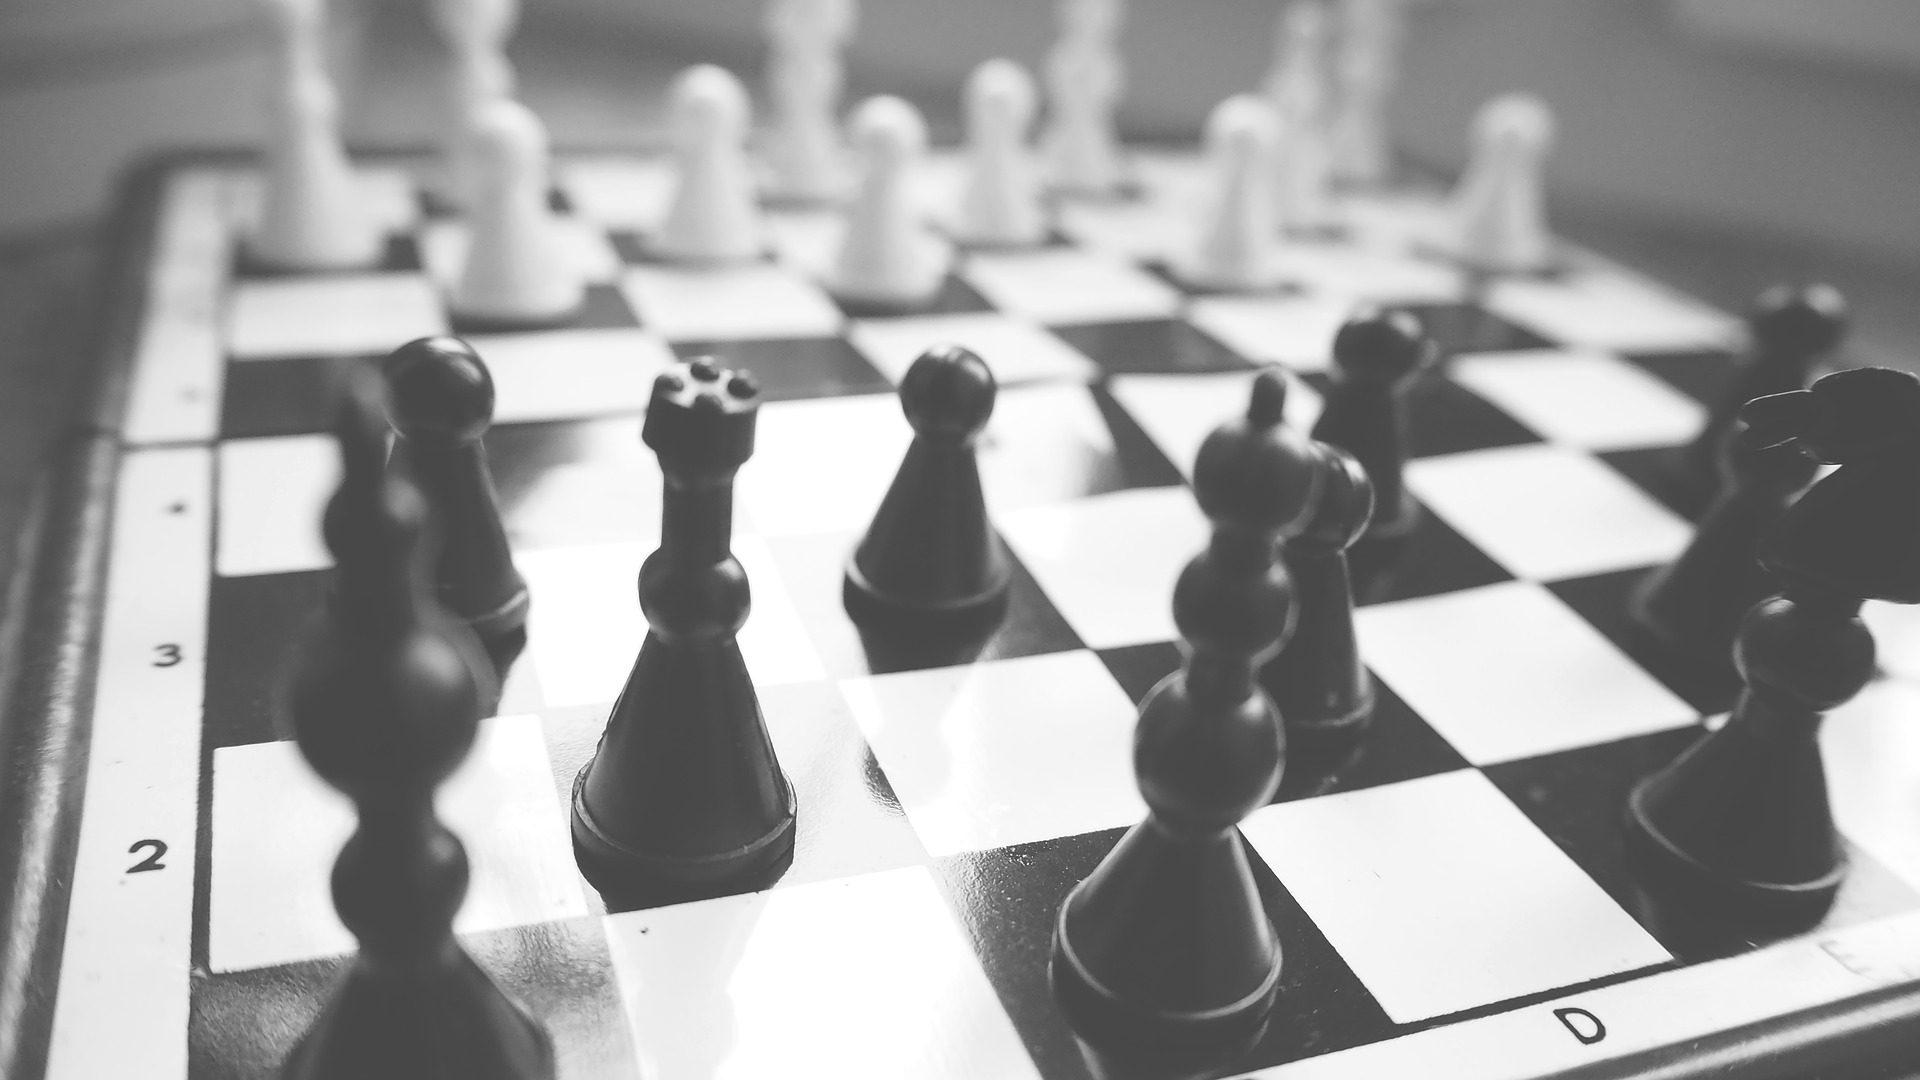 ajedrez, juego, tablero, piezas, estrategia, en blanco y negro - Fondos de Pantalla HD - professor-falken.com